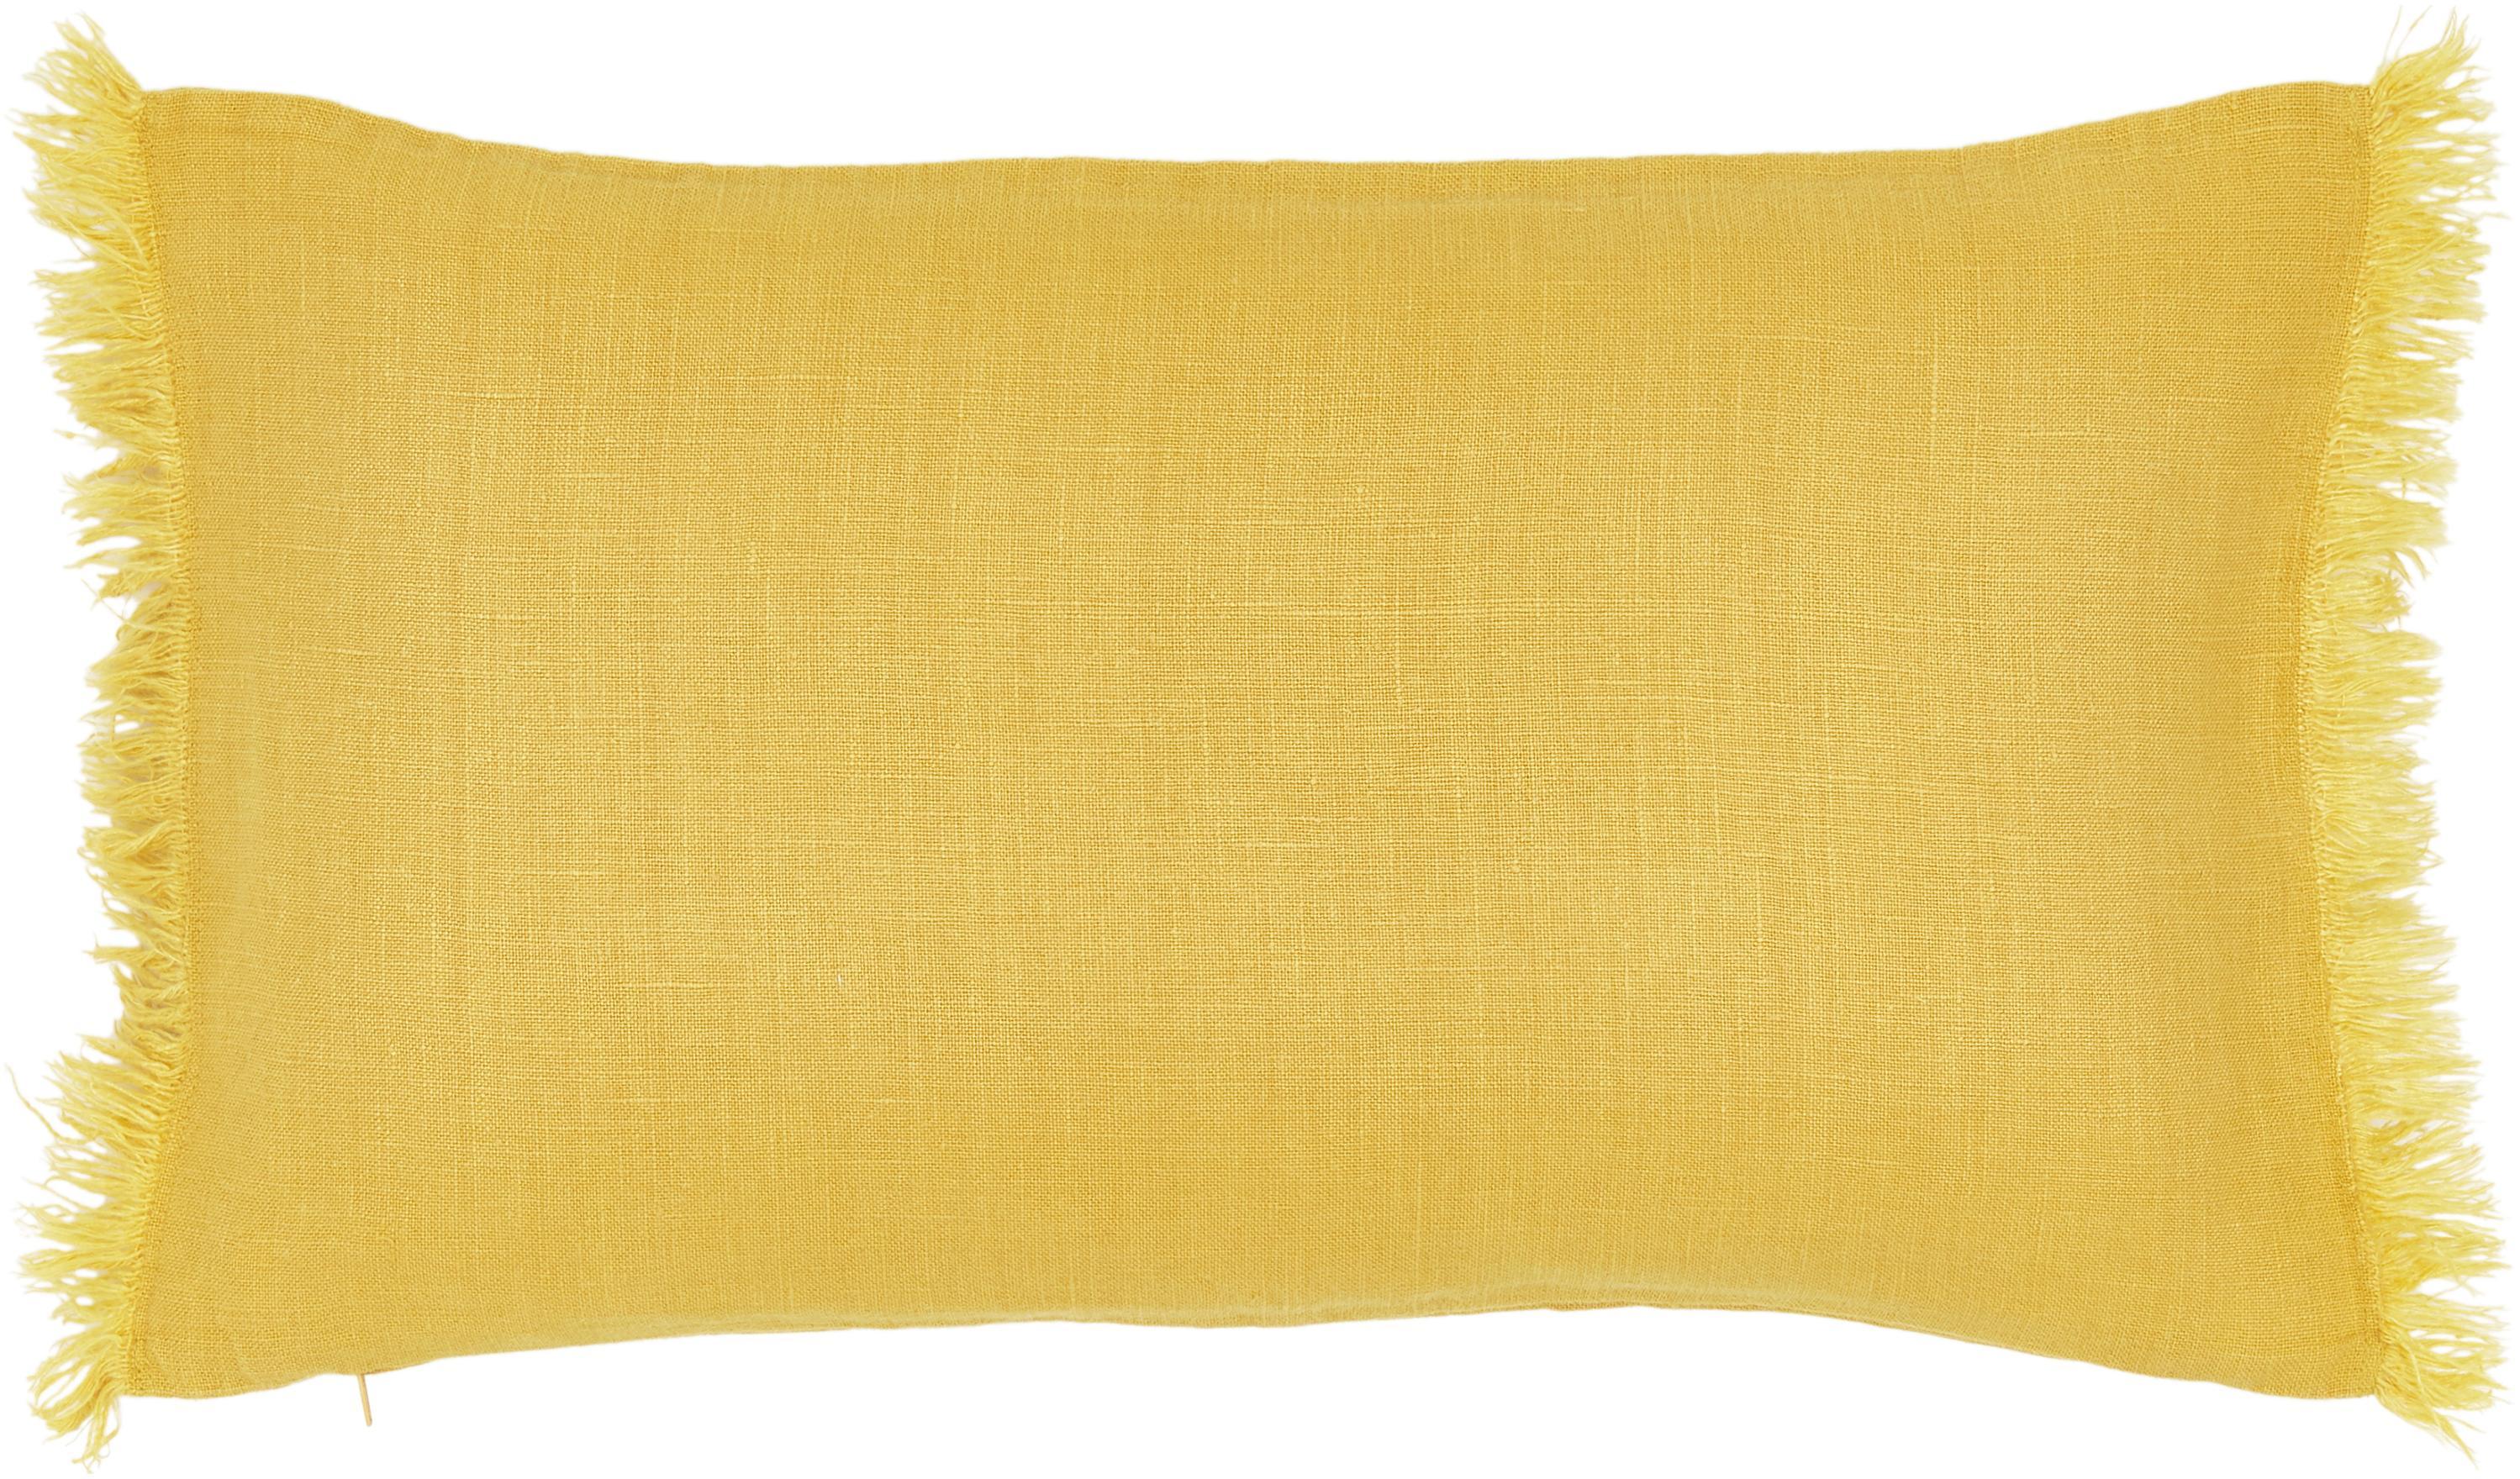 Linnen kussenhoes Luana in geel met franjes, 100% linnen, Geel, 30 x 50 cm